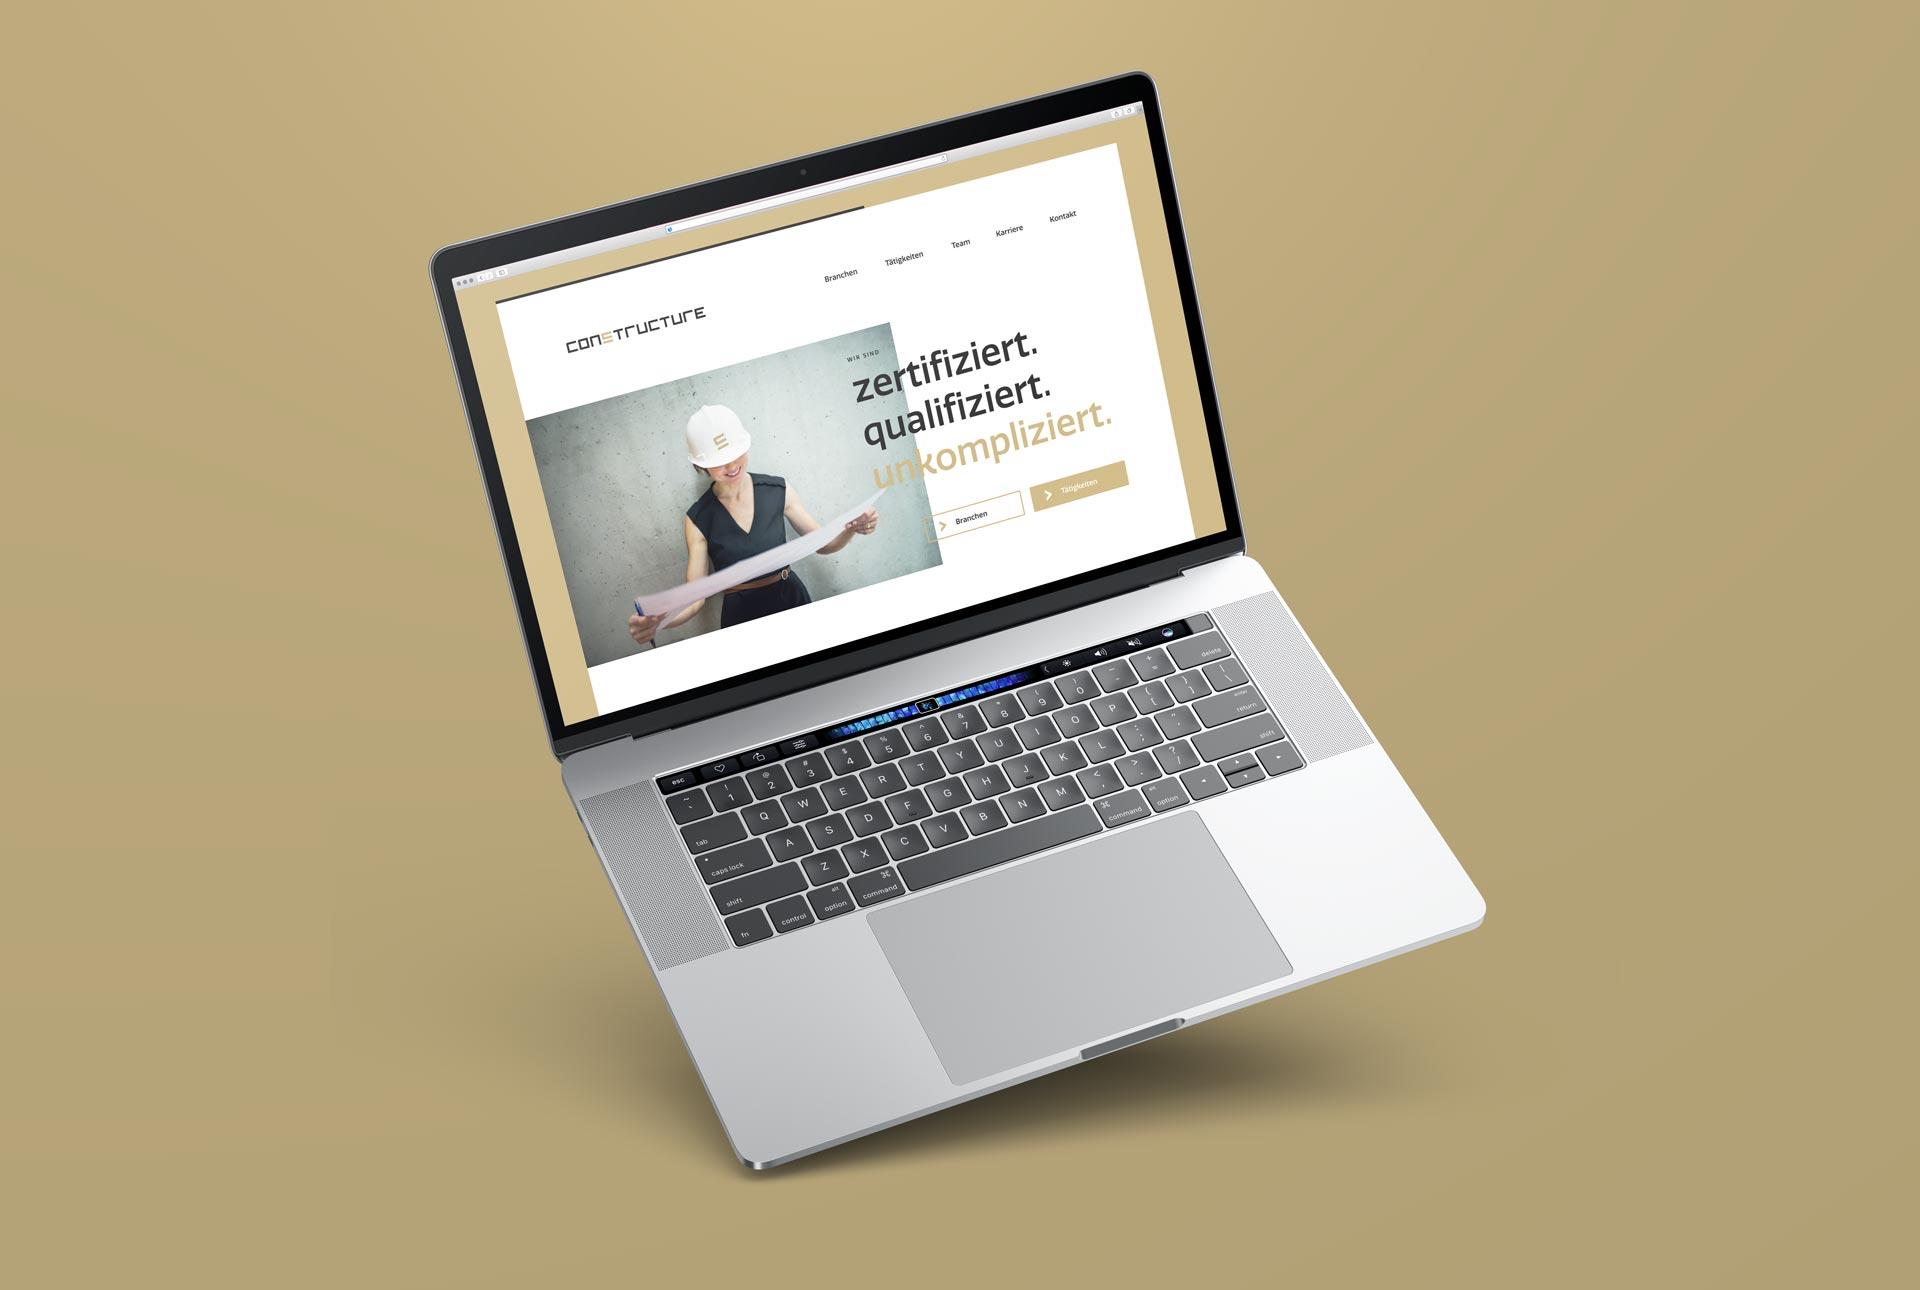 Neuer Webauftritt im neuen Corporate Design für constructure